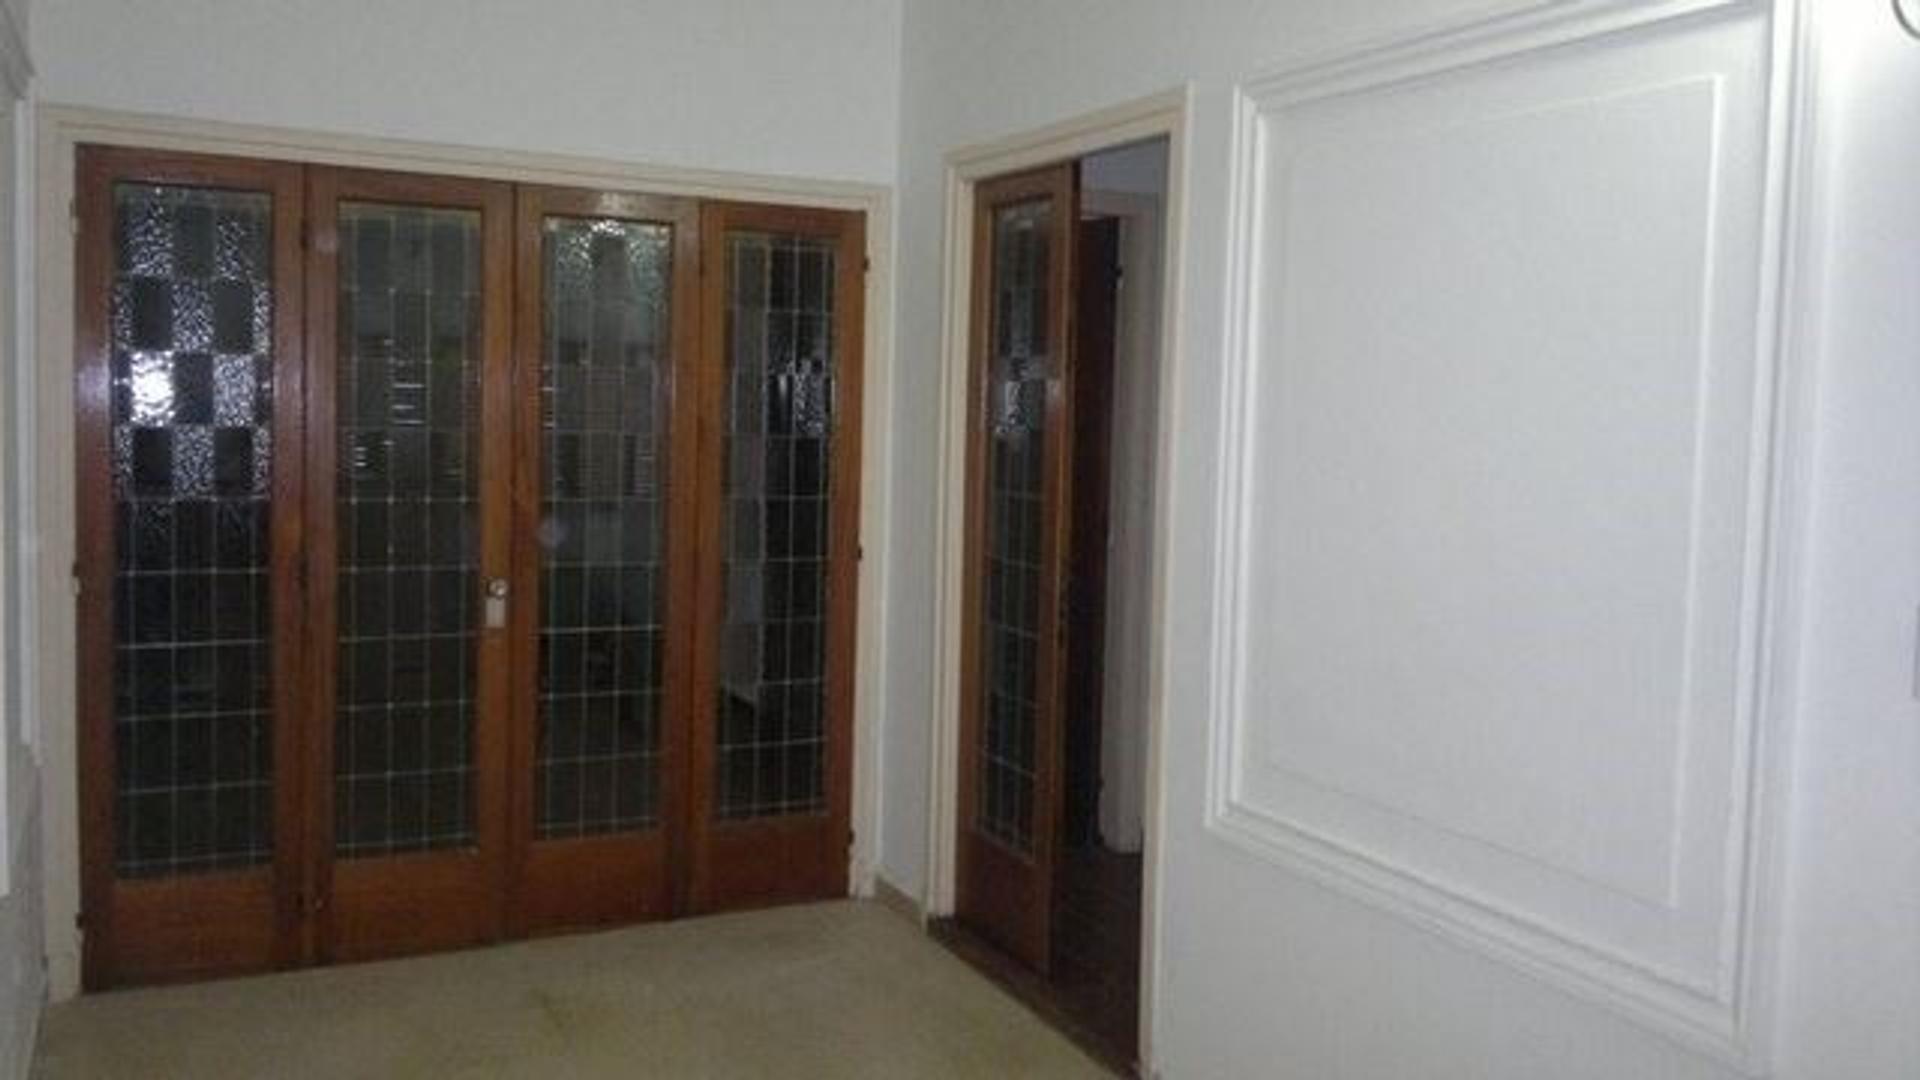 Venta de casa con 3 Dormitorios 40 N° 58 E/ 118 Y 119